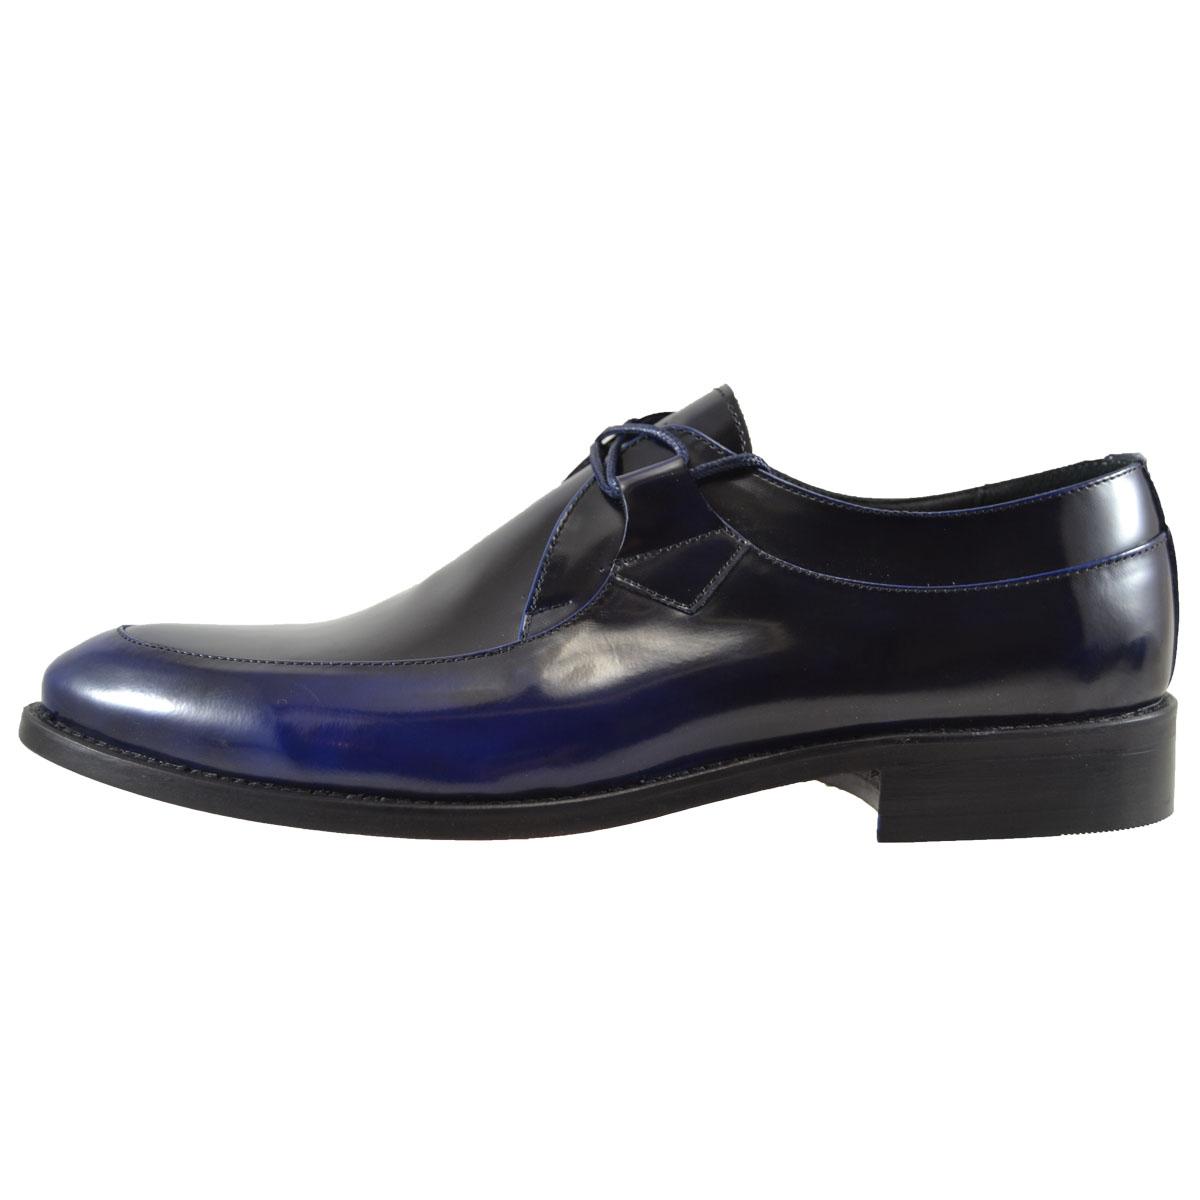 کفش مردانه کد 272             , خرید اینترنتی